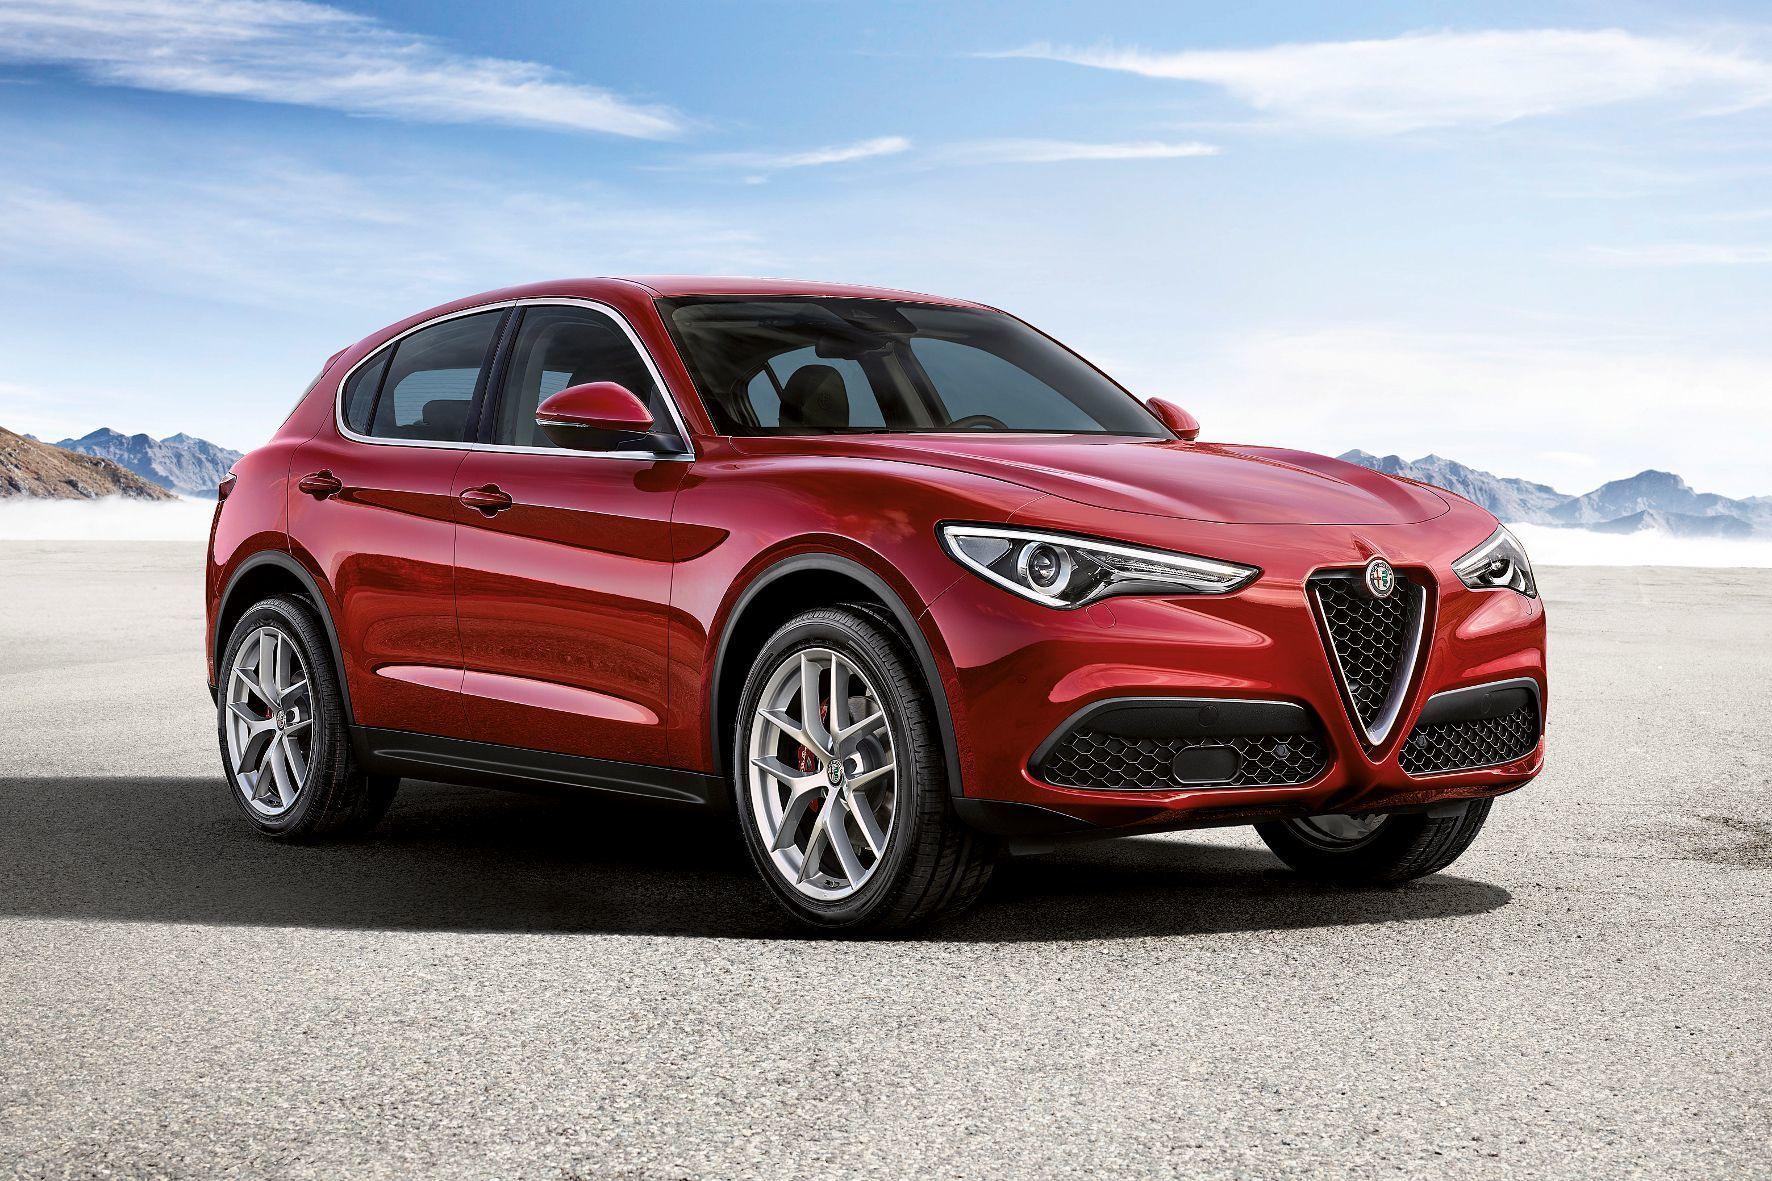 mid Groß-Gerau - Alfa Romeo Stelvio: Das SUV aus Italien macht gewiss nicht nur am Stilfser Joch eine gute Figur.